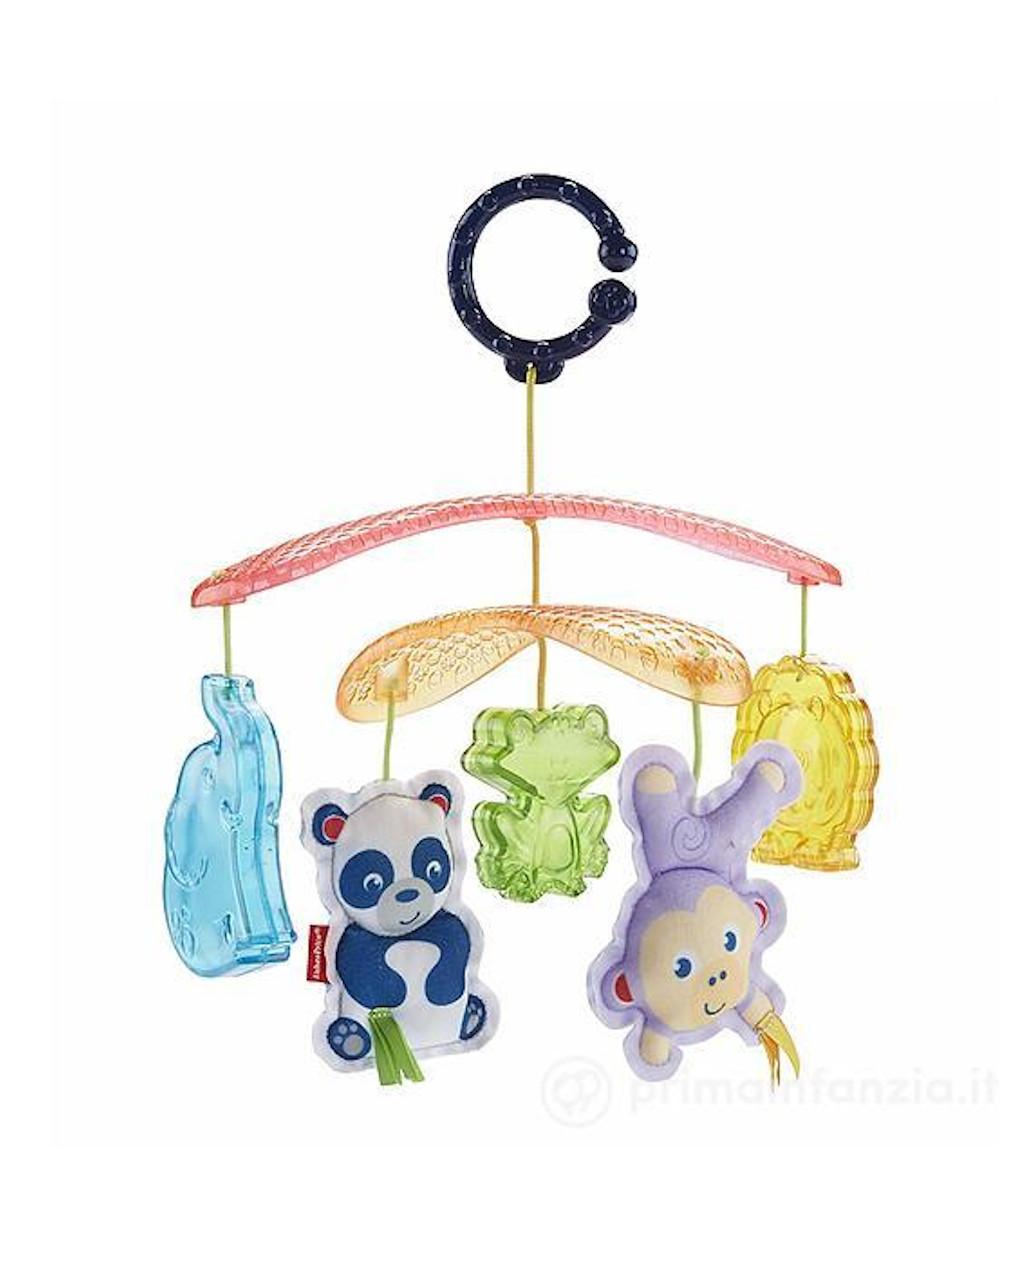 Fisher price - giostrina degli animaletti da passeggio per neonati - Fisher-Price